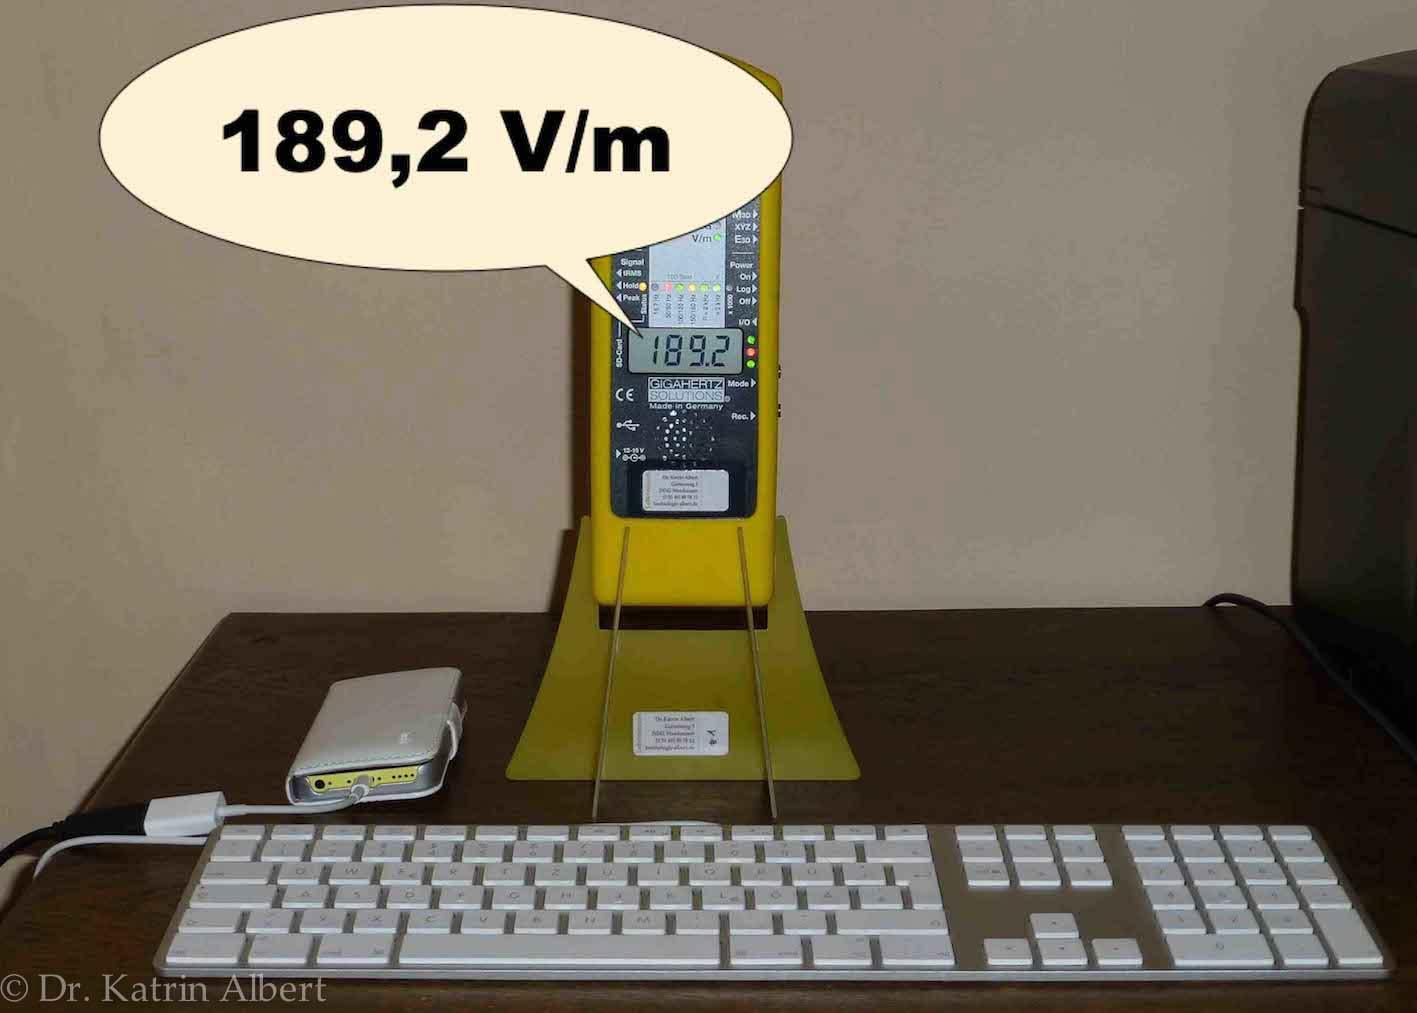 Tastatur und Handy ungeerdet